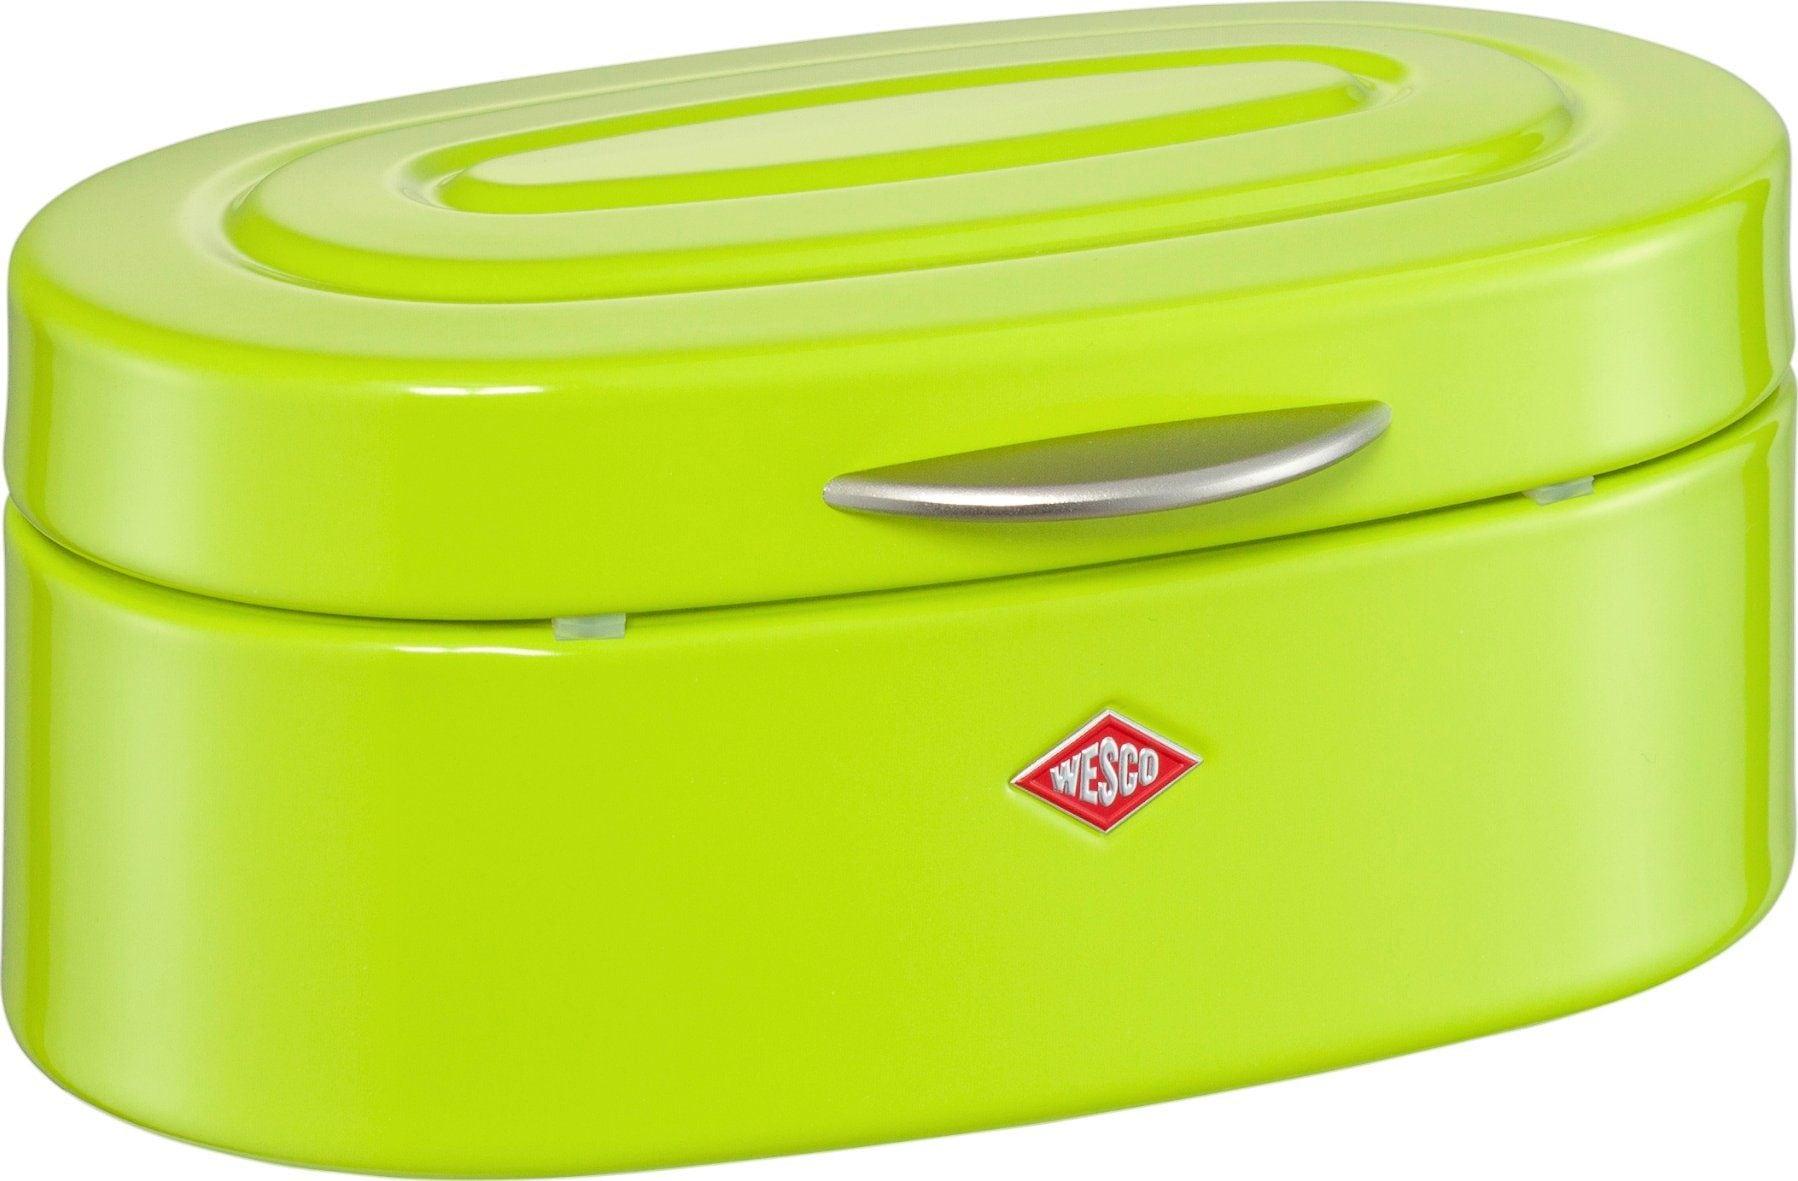 Wesco Aufbewahrungsbehälter MINI ELLY grün Aufbewahrung Küchenhelfer Haushaltswaren